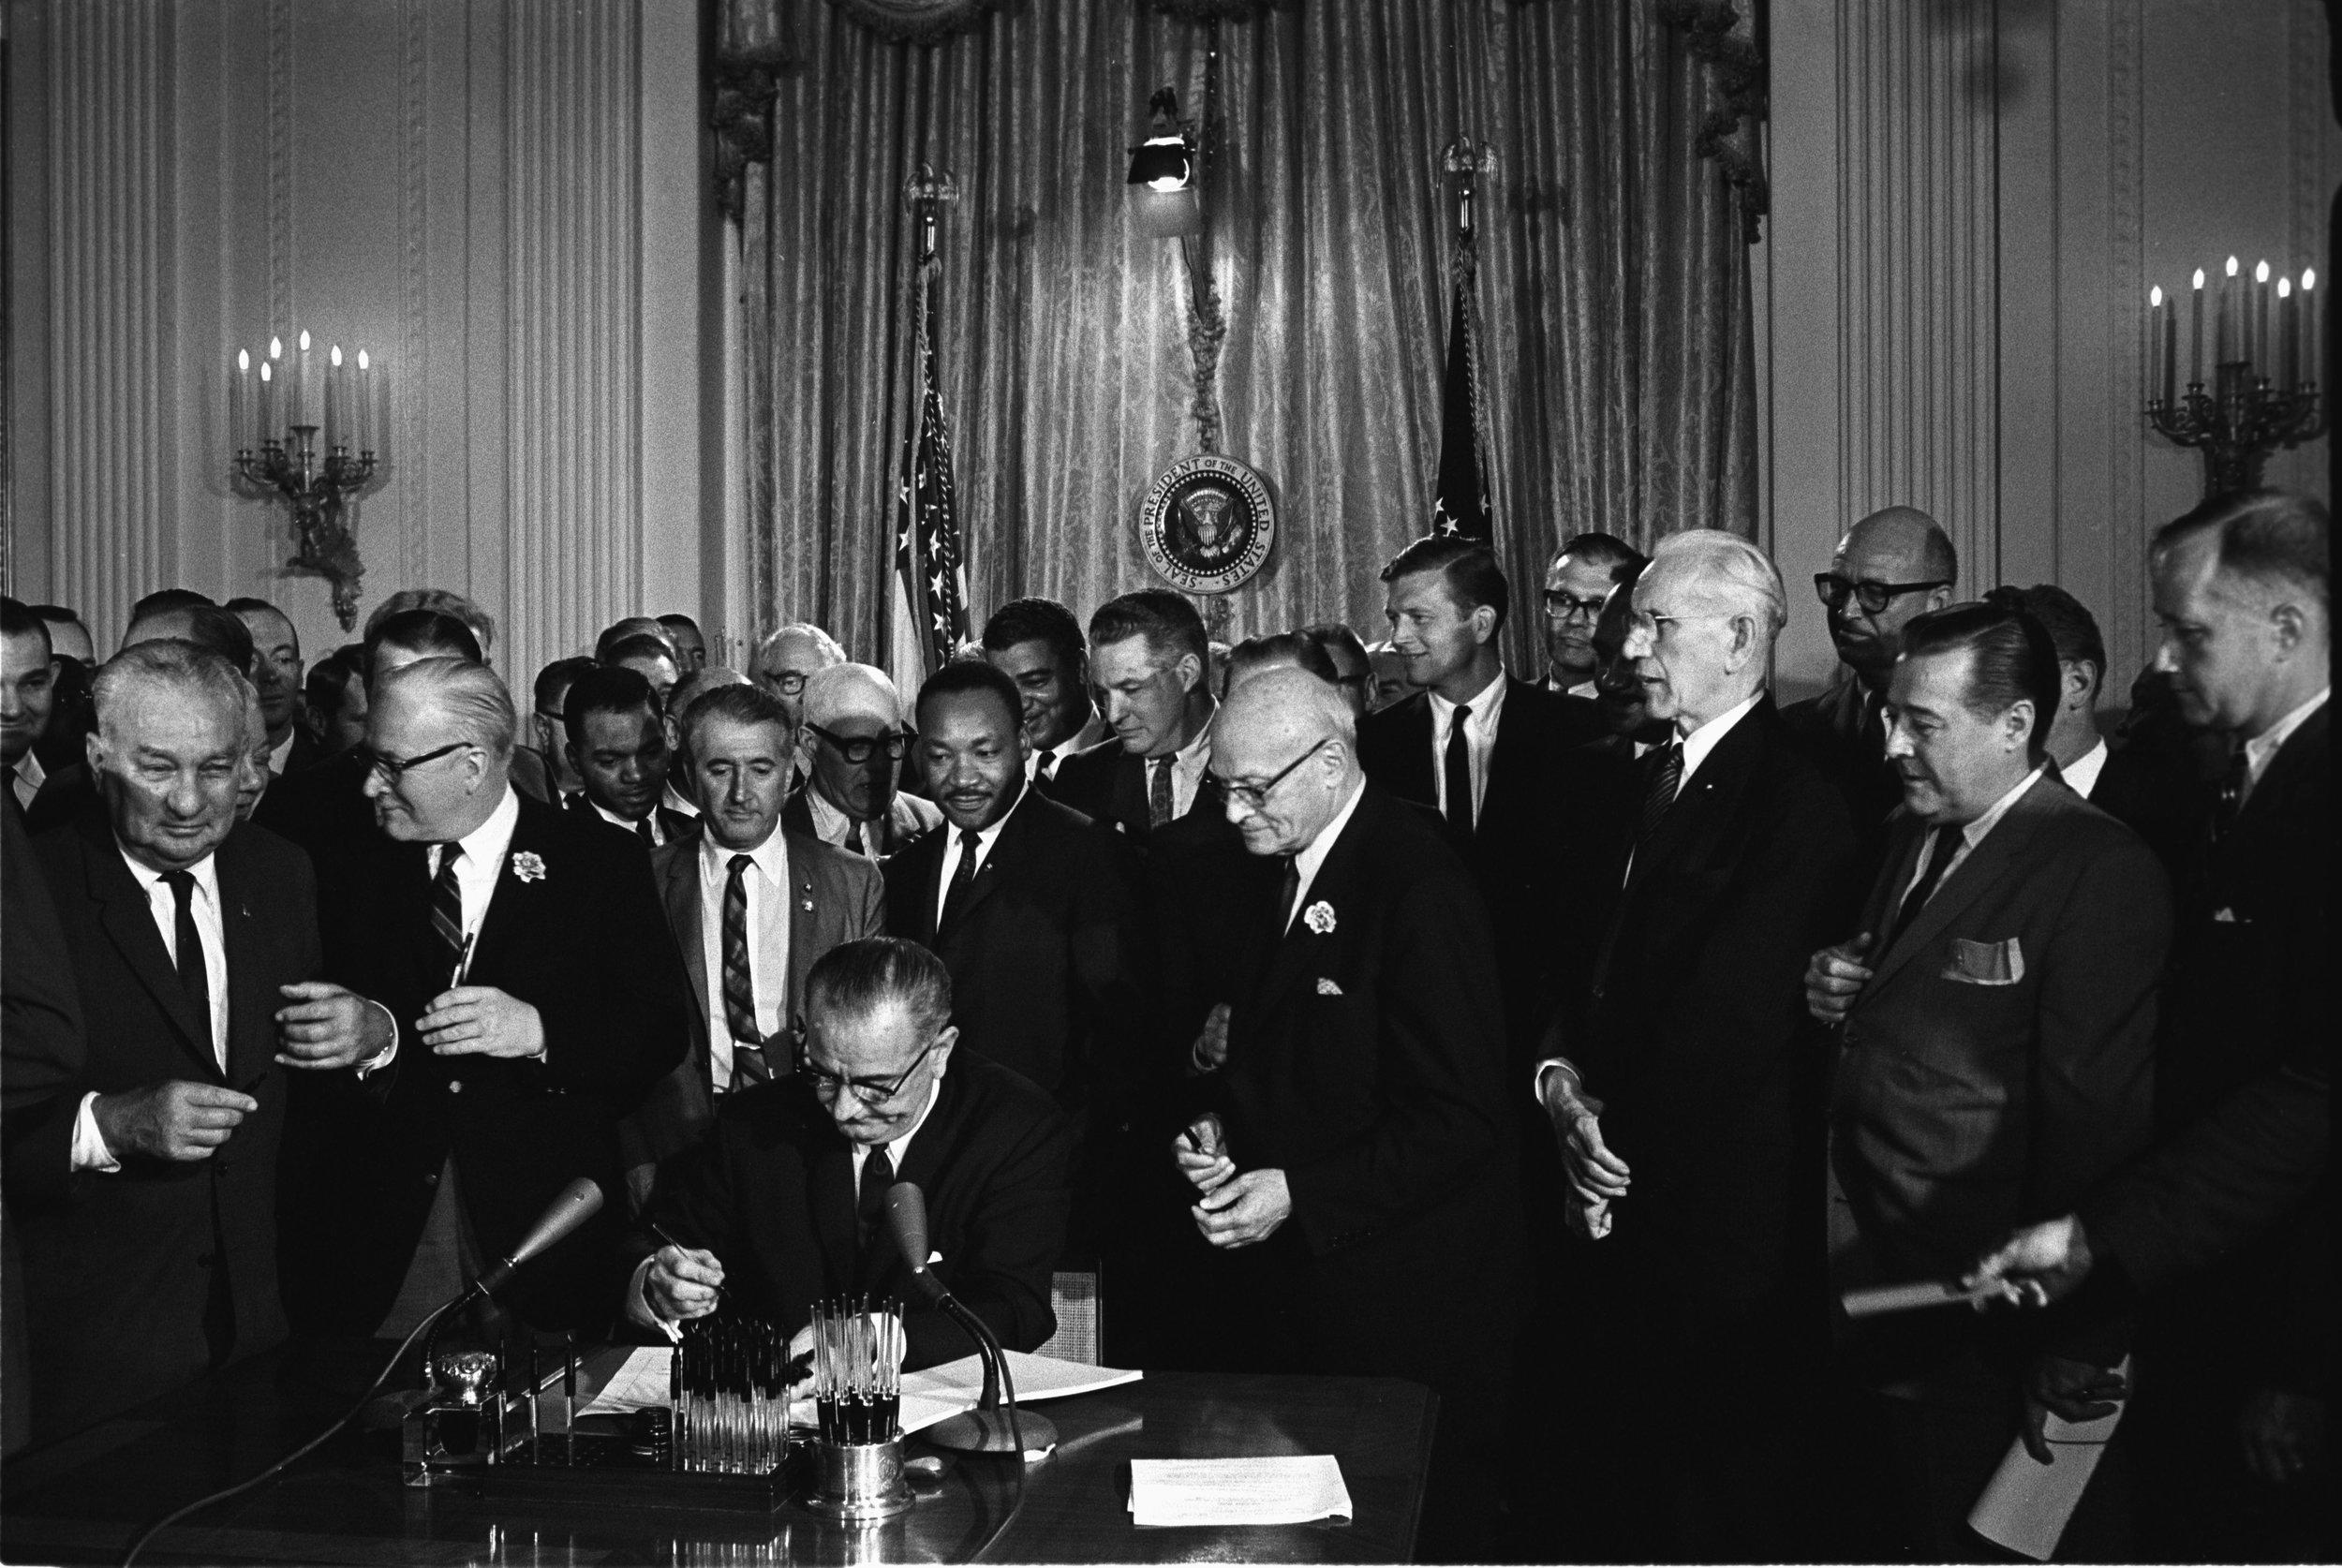 Lyndon_Johnson_signing_Civil_Rights_Act,_July_2,_1964.jpg